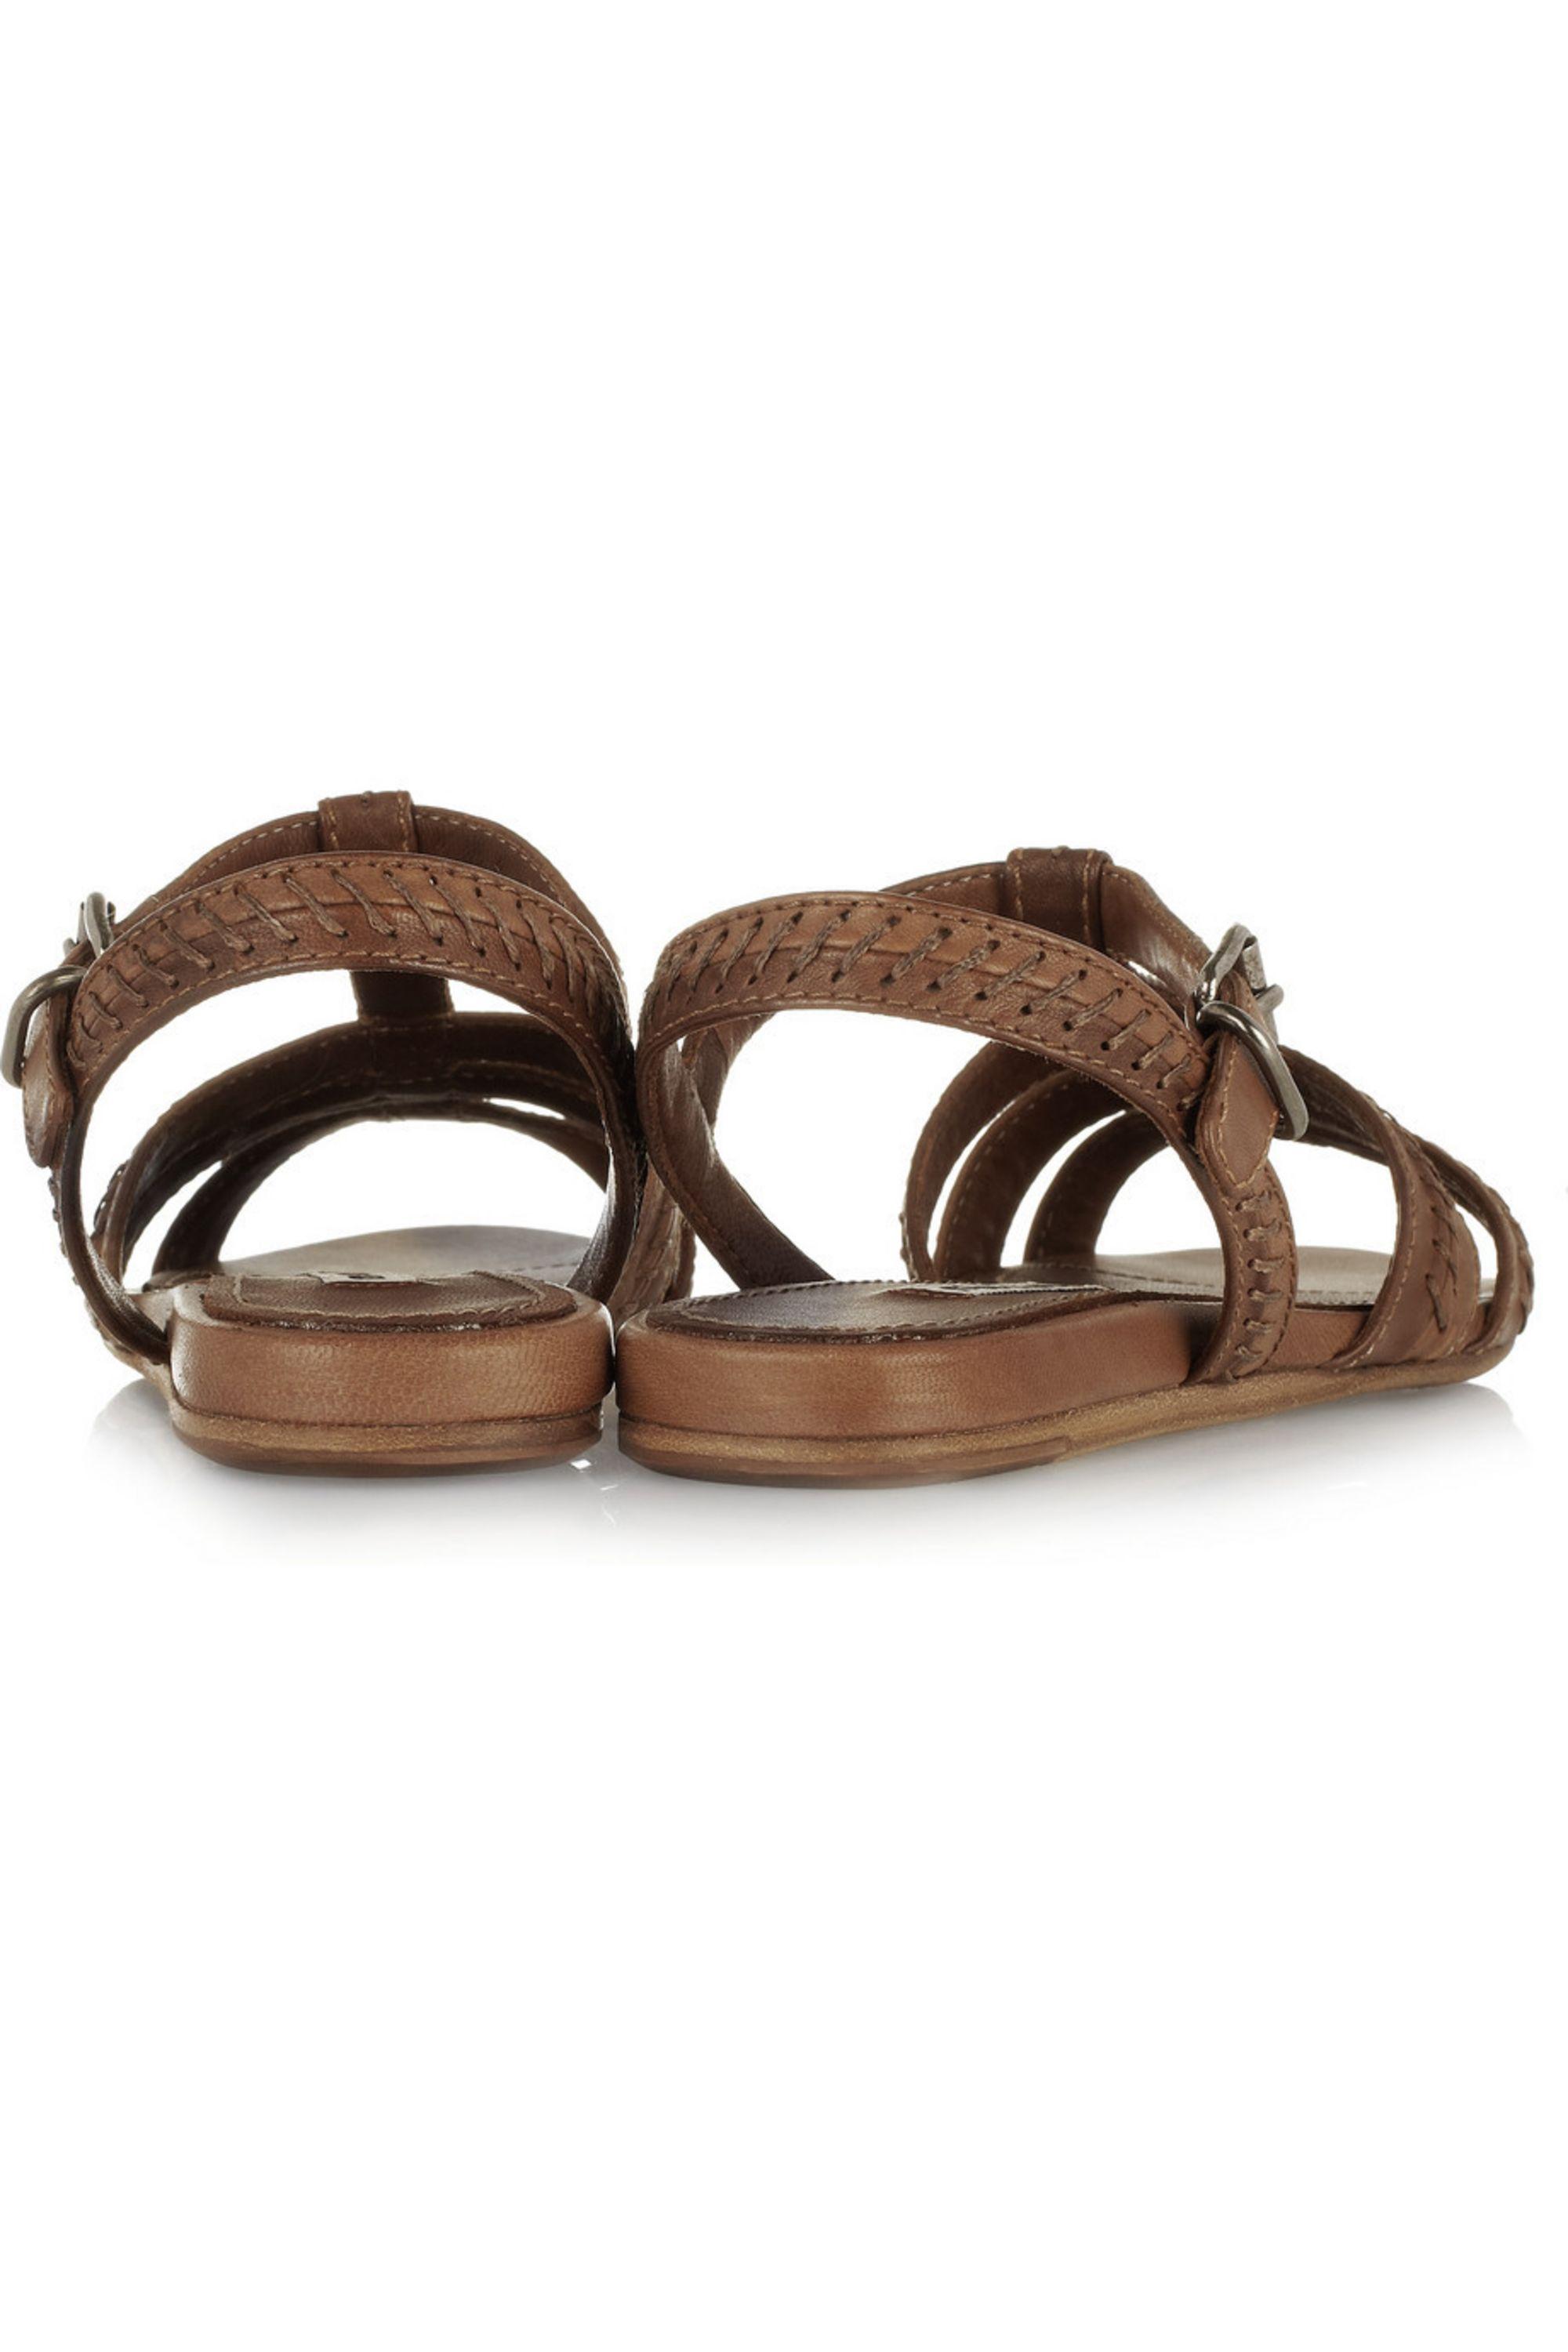 Miu Miu Stitch-detailed leather sandals